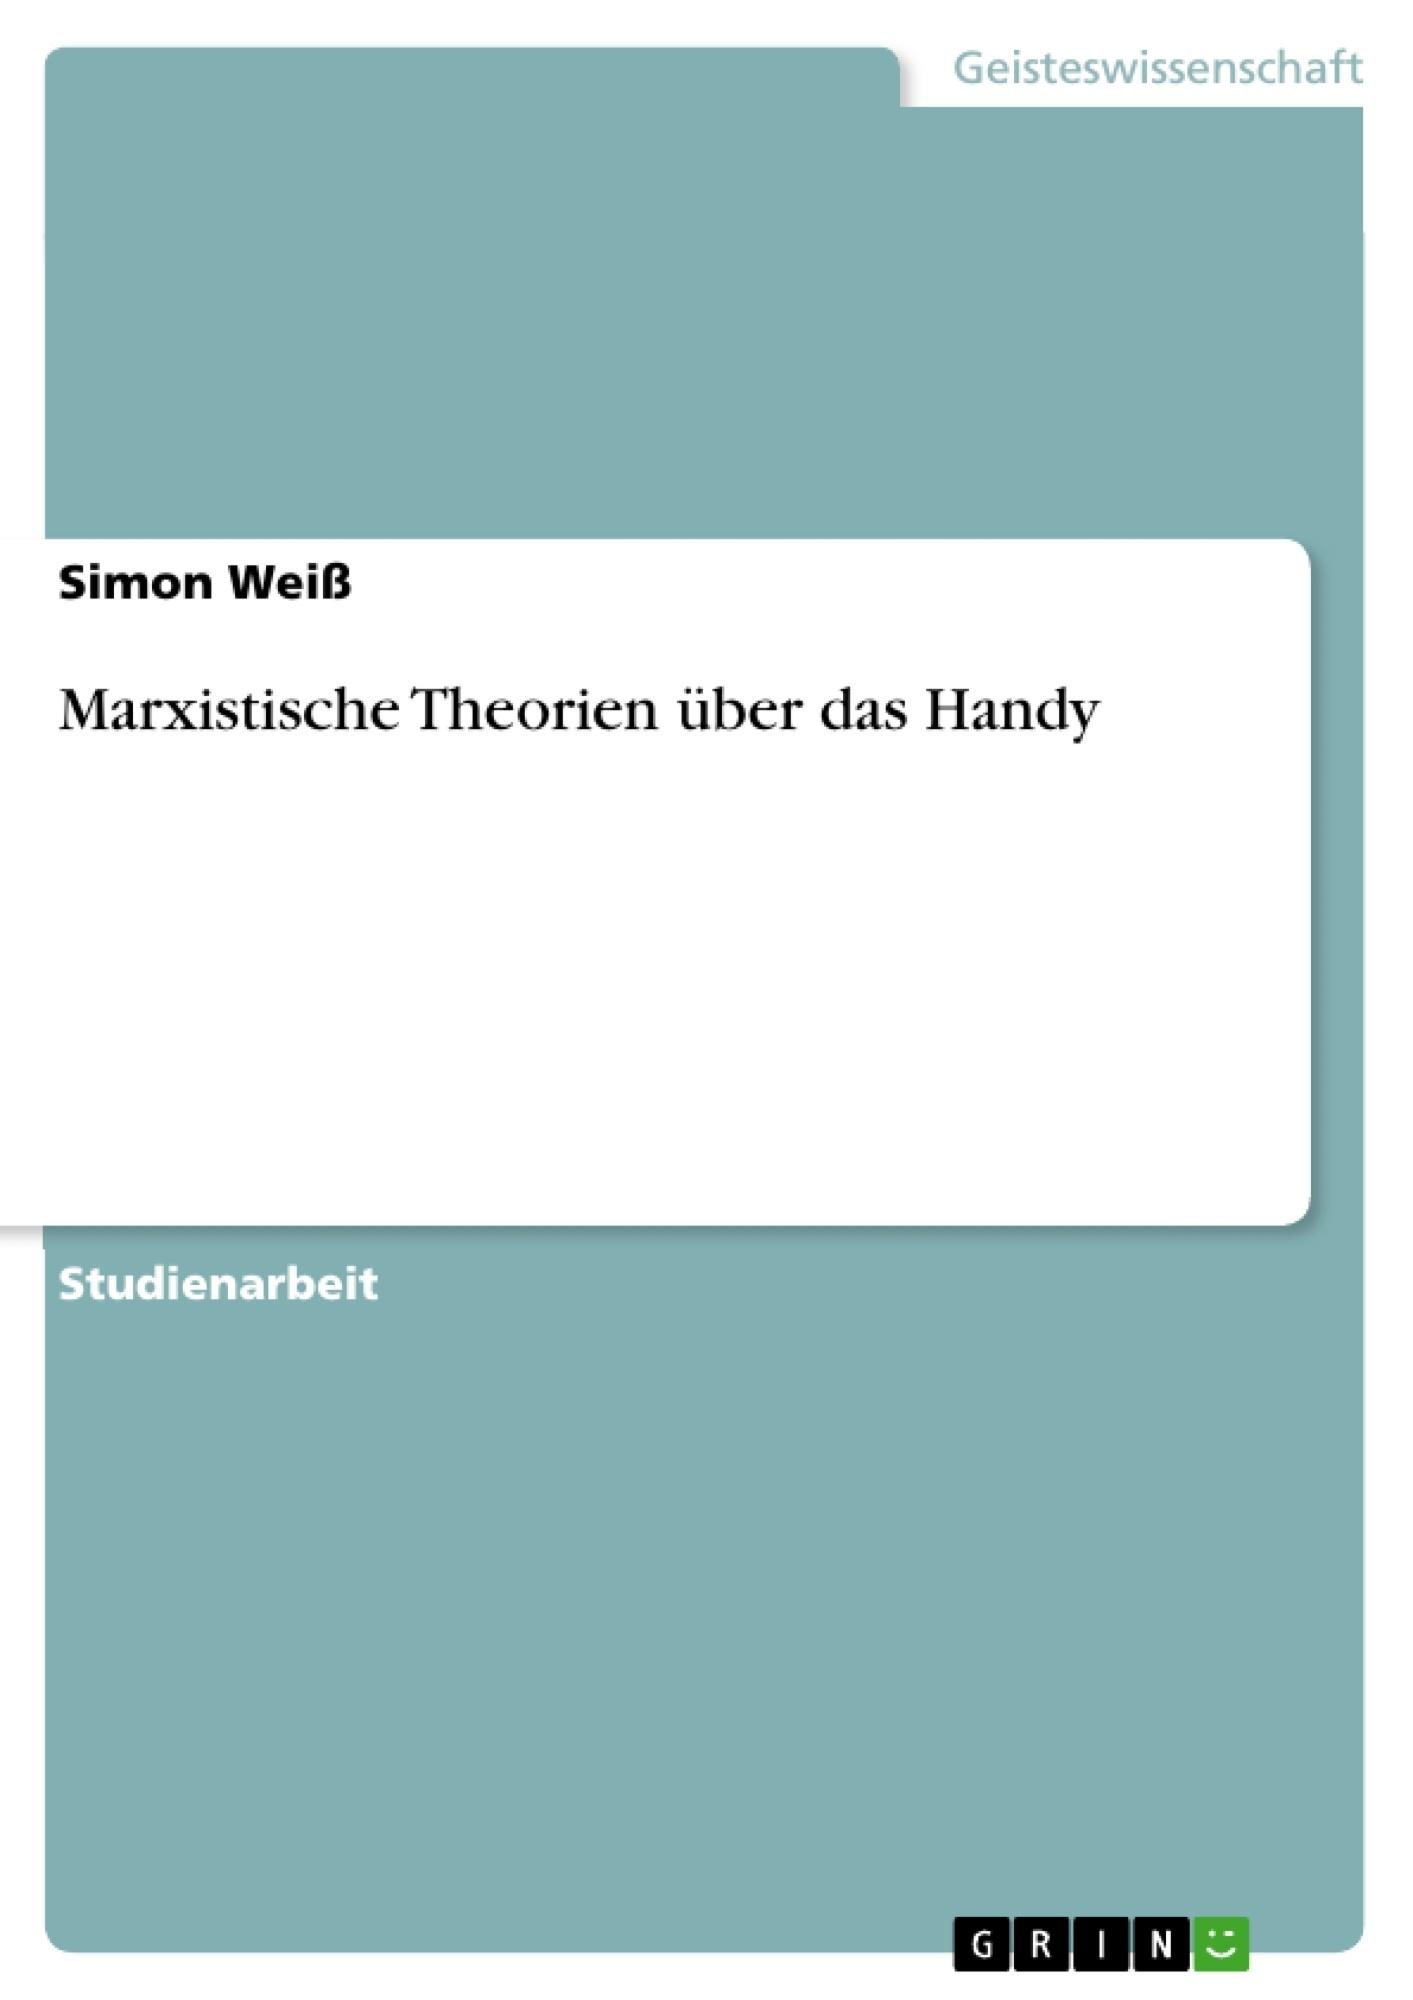 Titel: Marxistische Theorien über das Handy